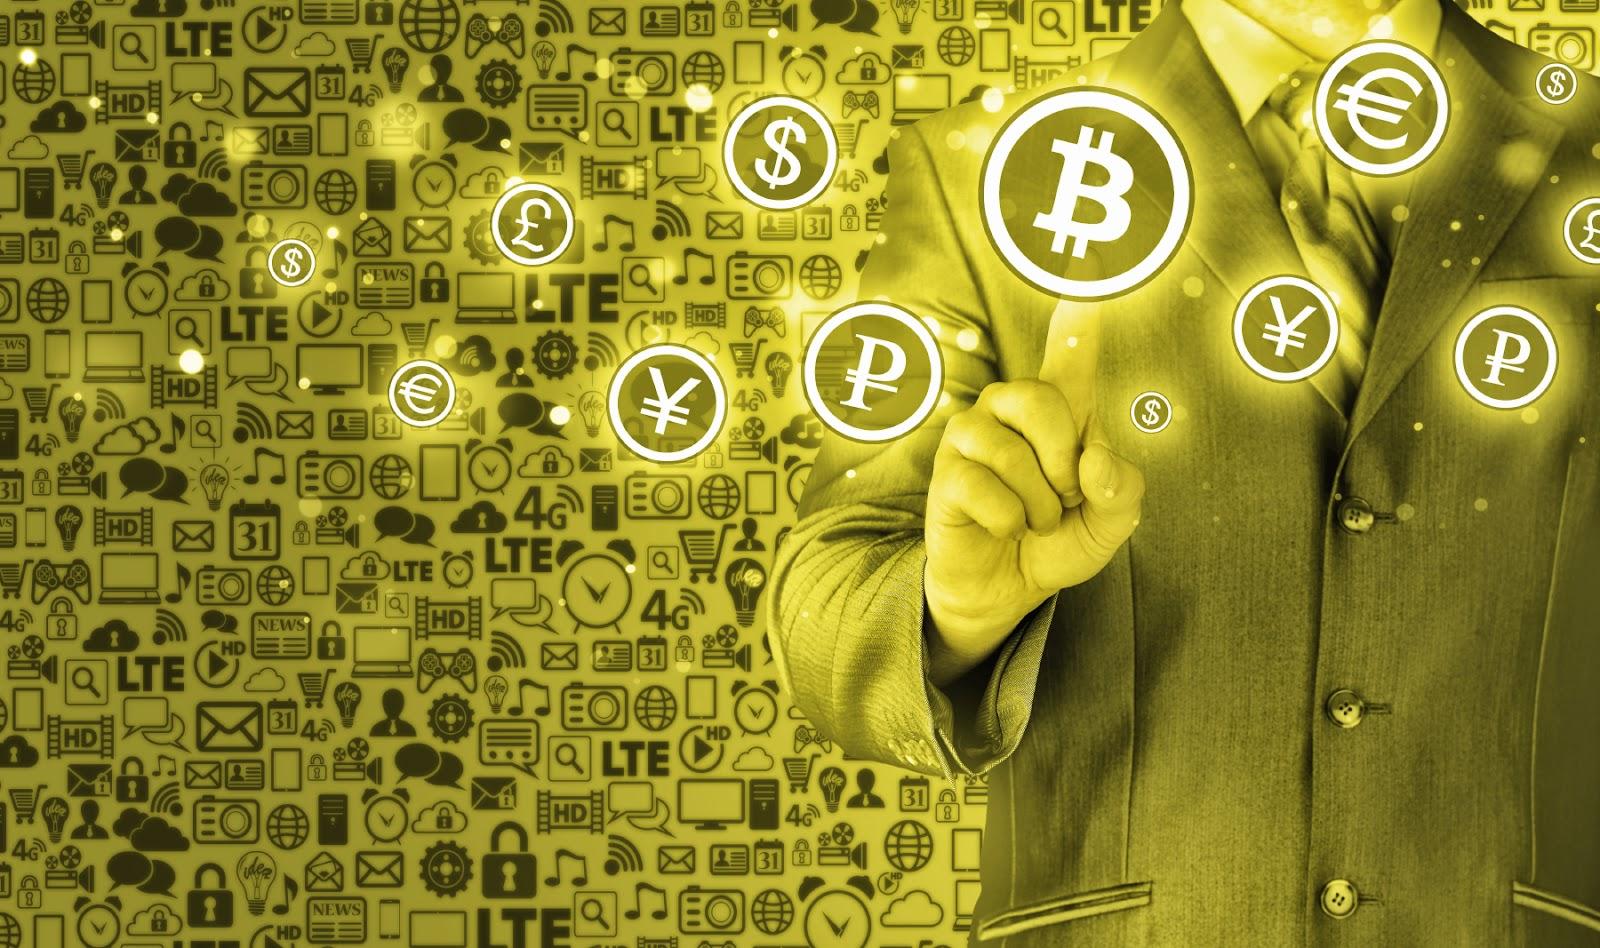 Как инвестировать в криптовалюту — для начинающих   пошагово: как купить её на бирже